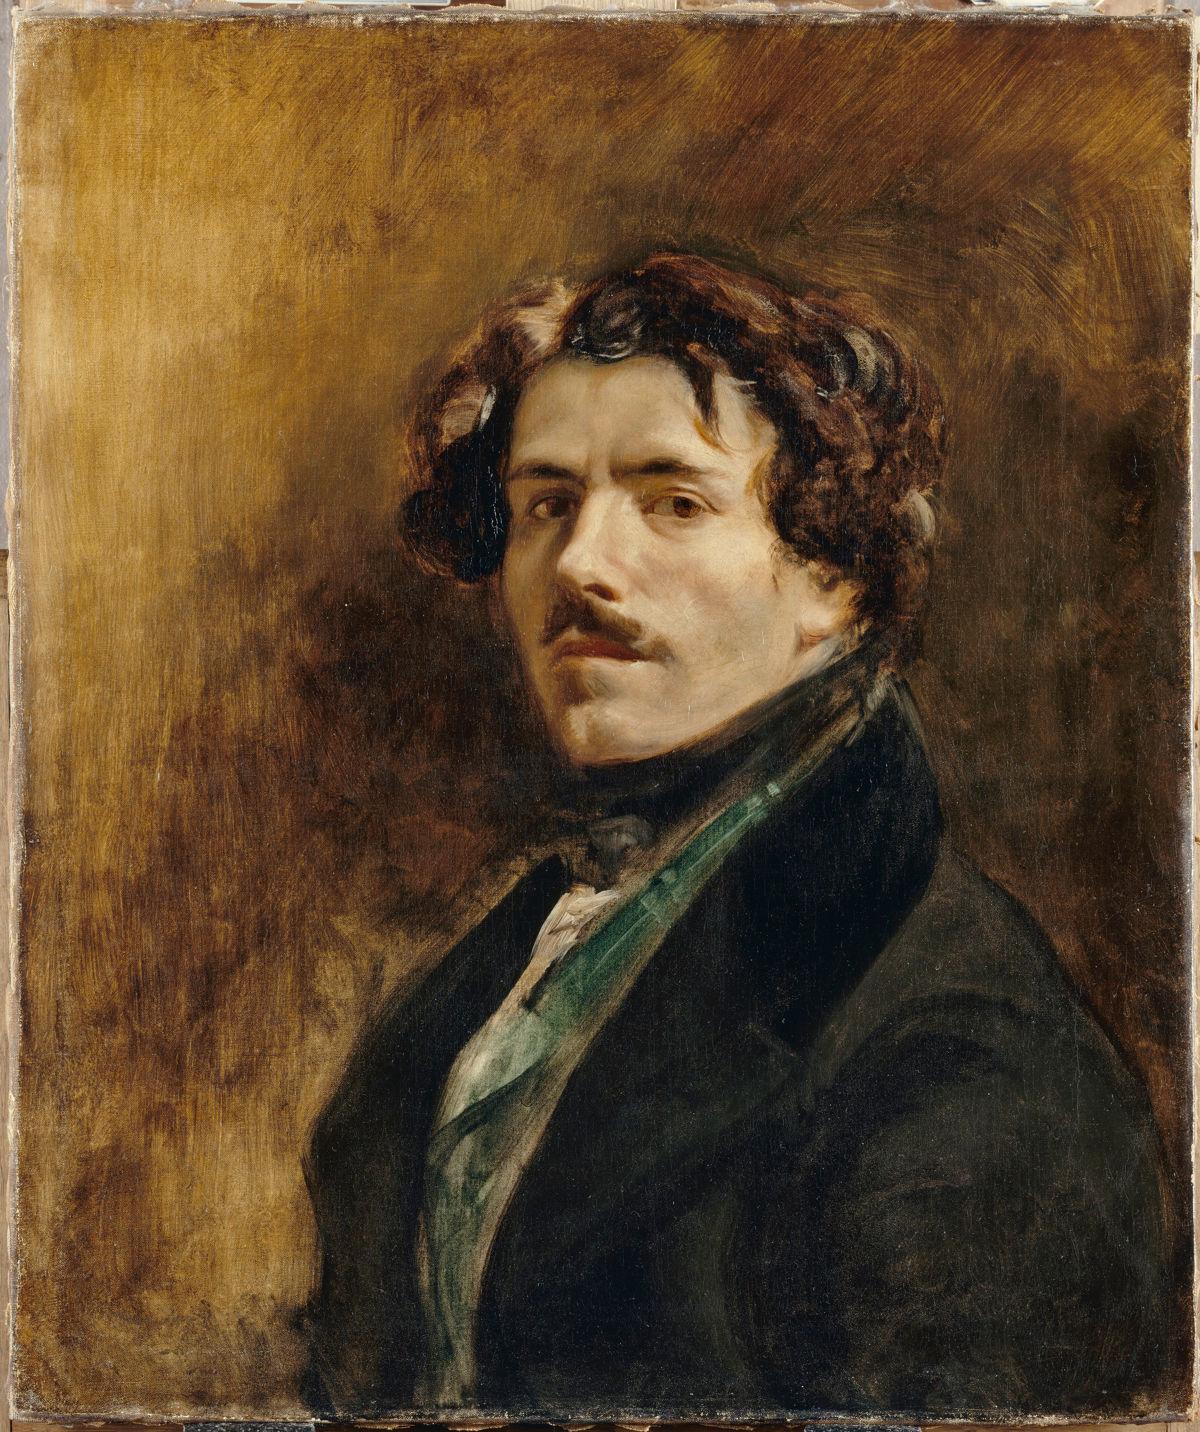 Portrait de l'artiste Delacroix Eugène (1798-1863) Paris, musée du Louvre